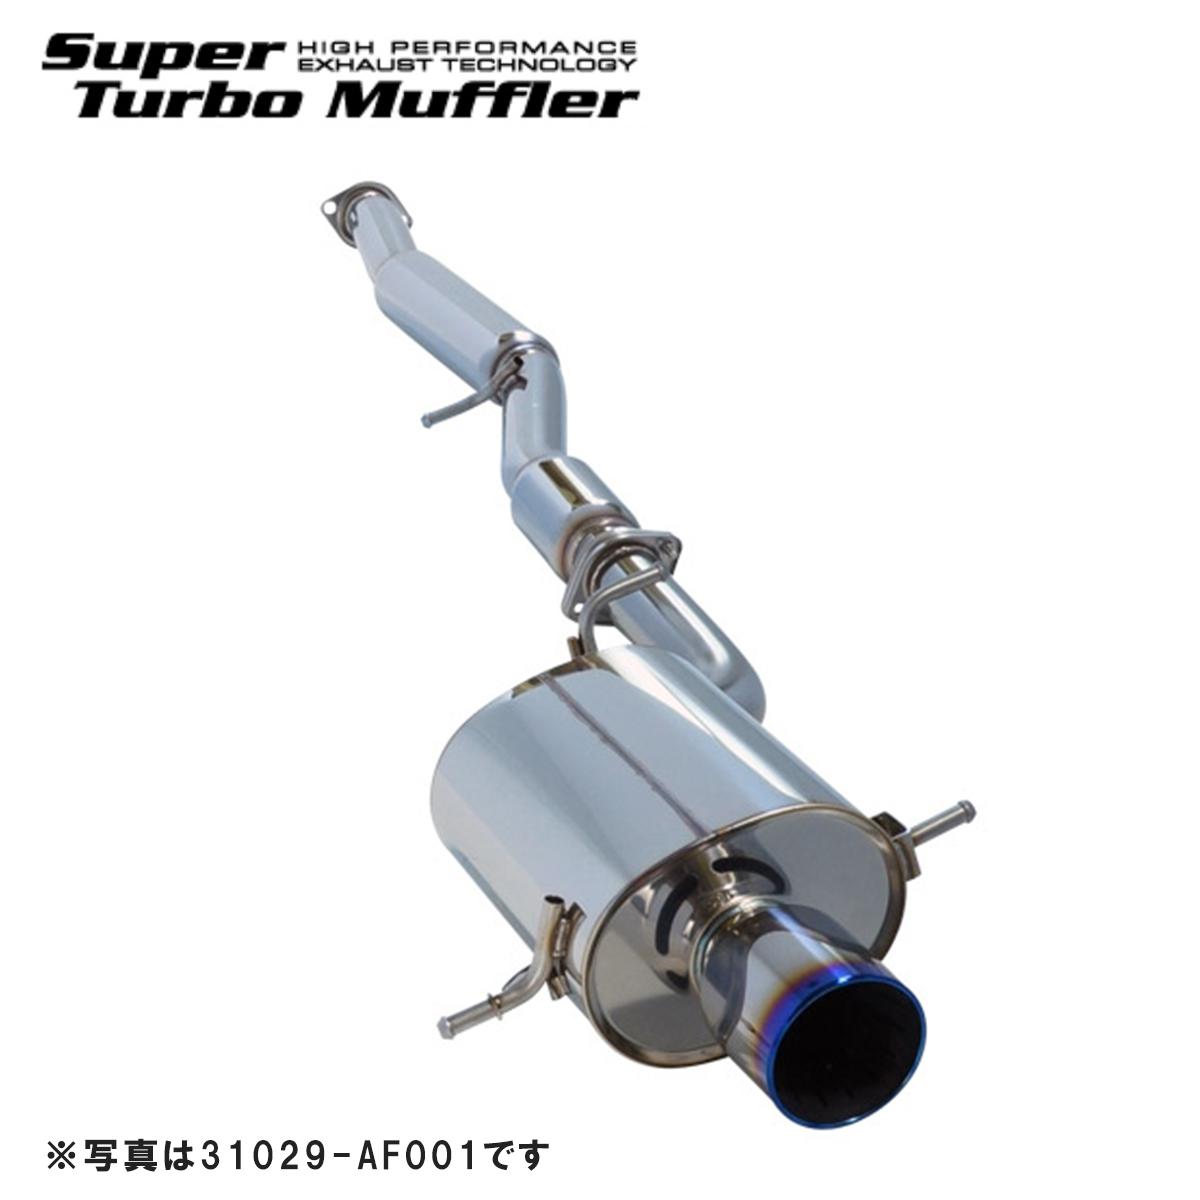 手数料安い WRX Turbo 31029-AF011 STi CBA-VAB マフラー SSR 31029-AF011 STi HKS Super Turbo Muffler スーパーターボマフラー 配送先条件有り, いでゆむし羊羹の伊豆柏屋:39ef8209 --- ggcr.jp